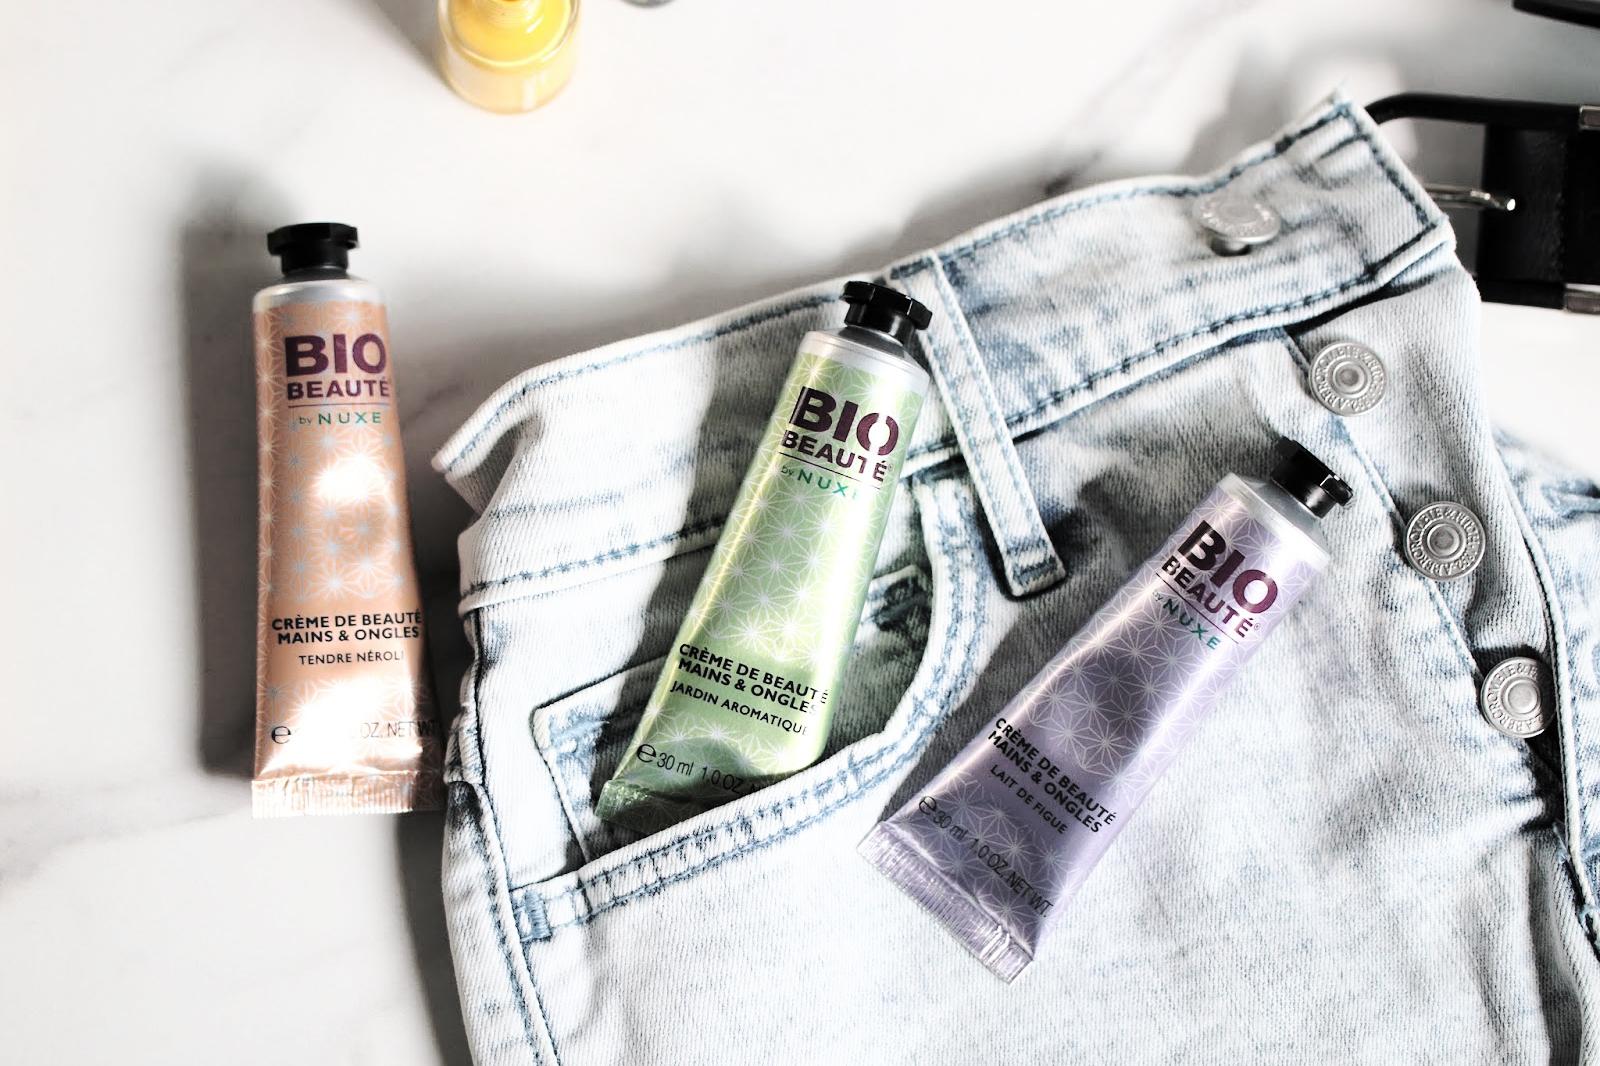 bio beauté by nuxe crème mains & ongles avis test